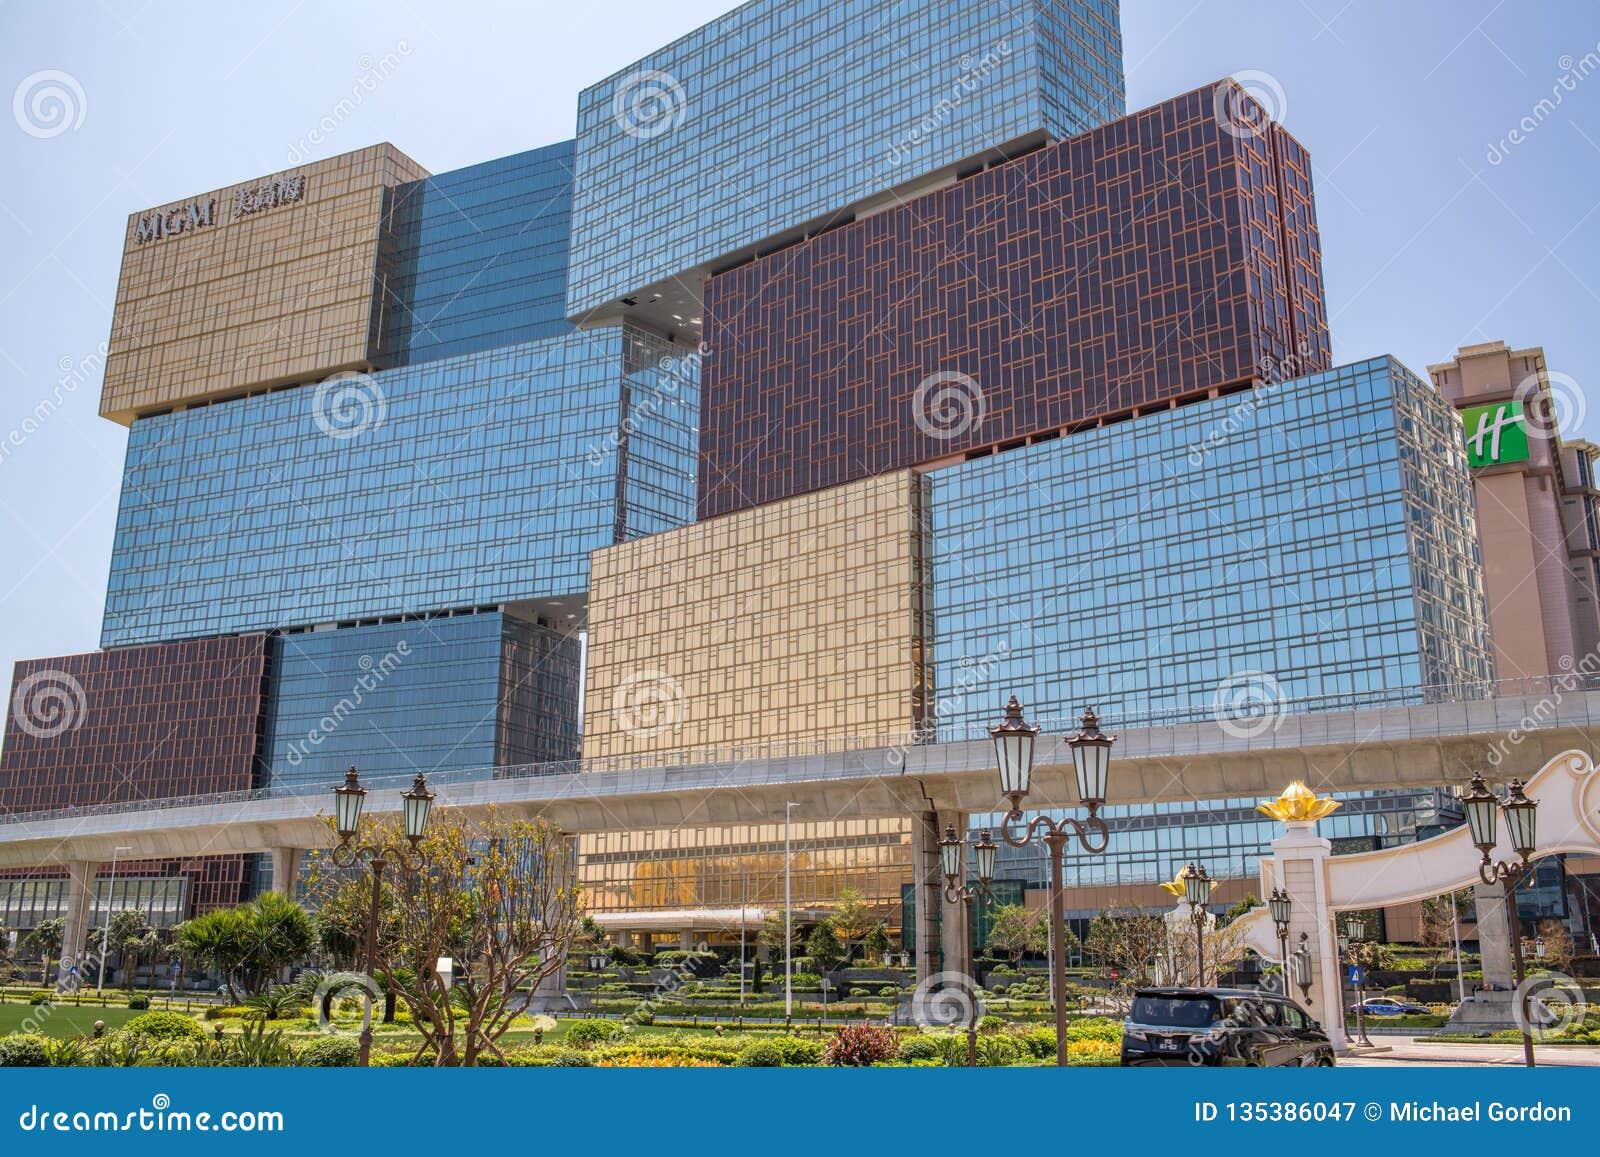 Macau Mgm